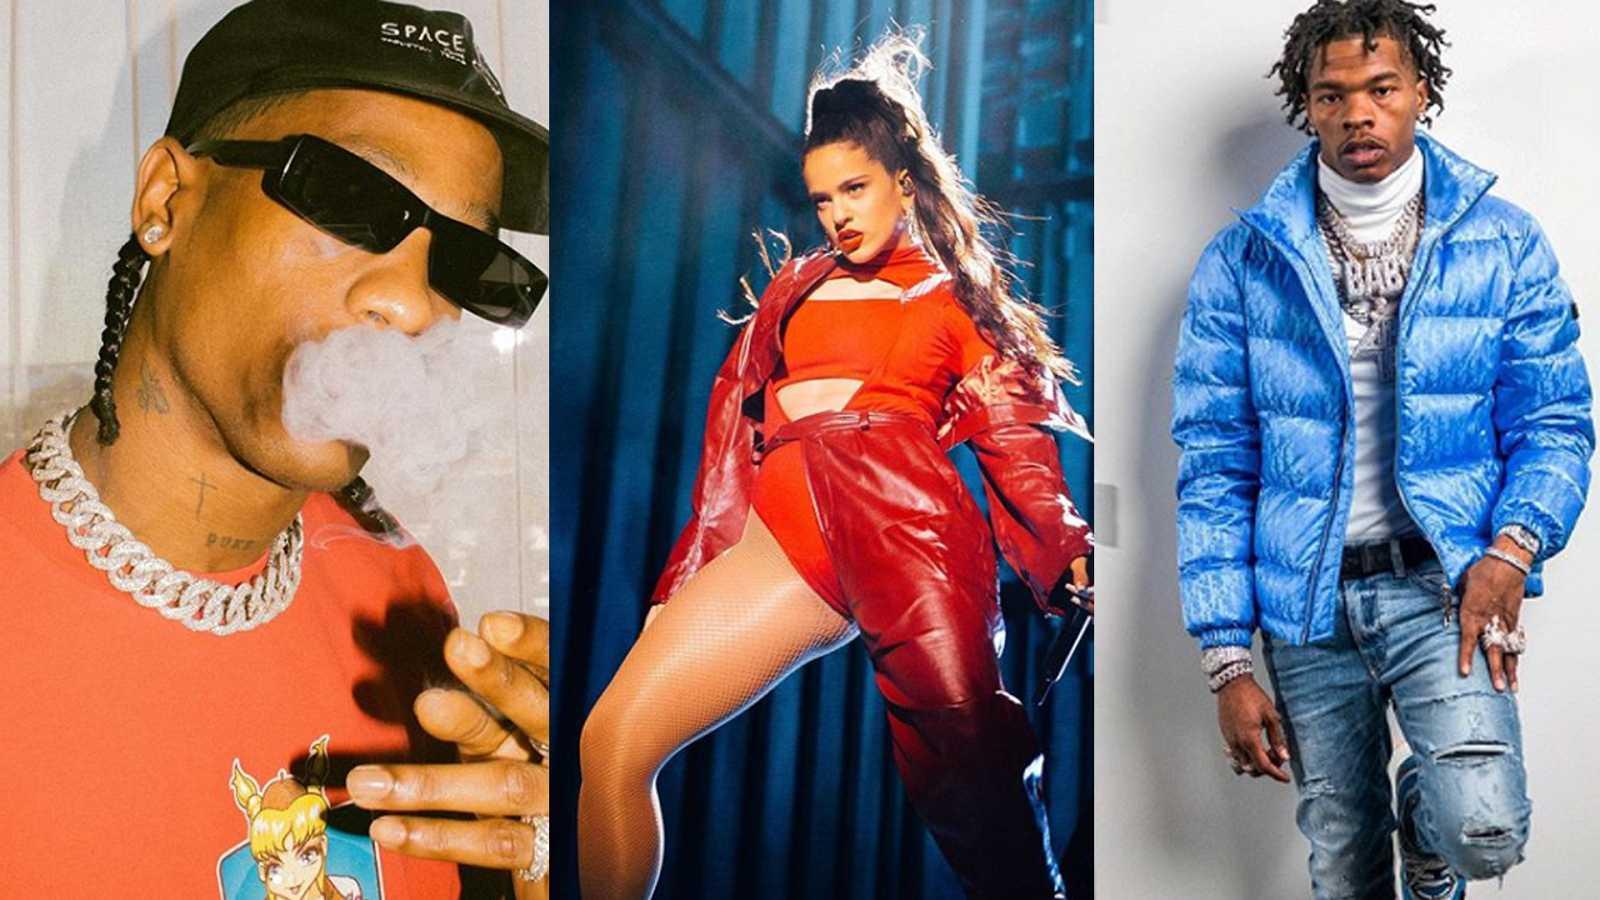 Rosalía y Lil Baby colaboran con Travis Scott en un remix del tema 'Highest In The Room'